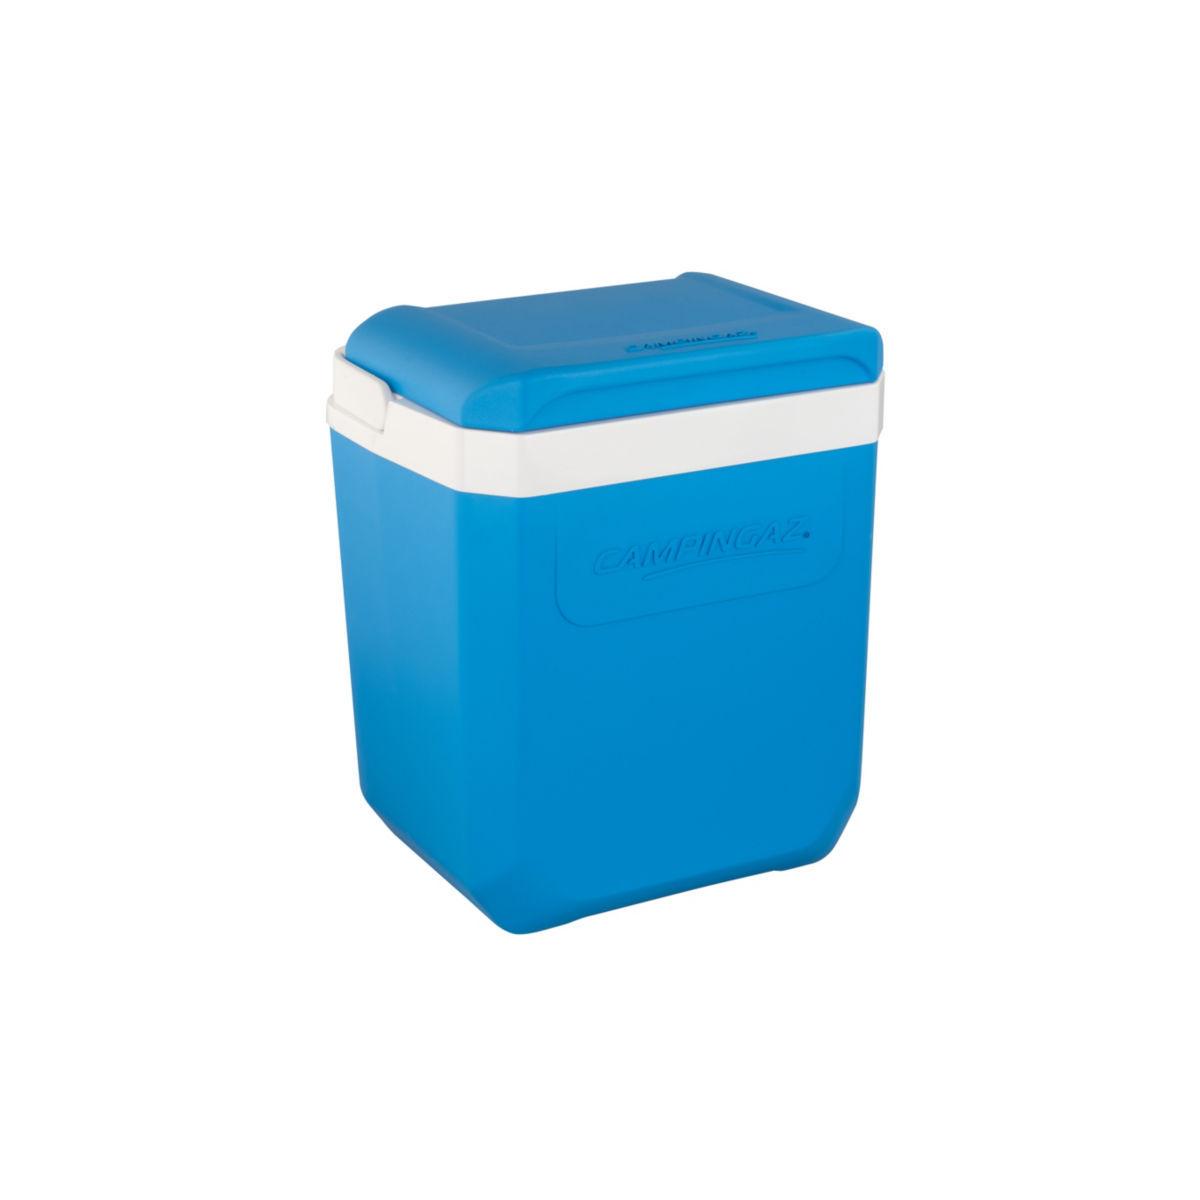 Campingaz Icetime Plus Cooler 38L - 2000024960